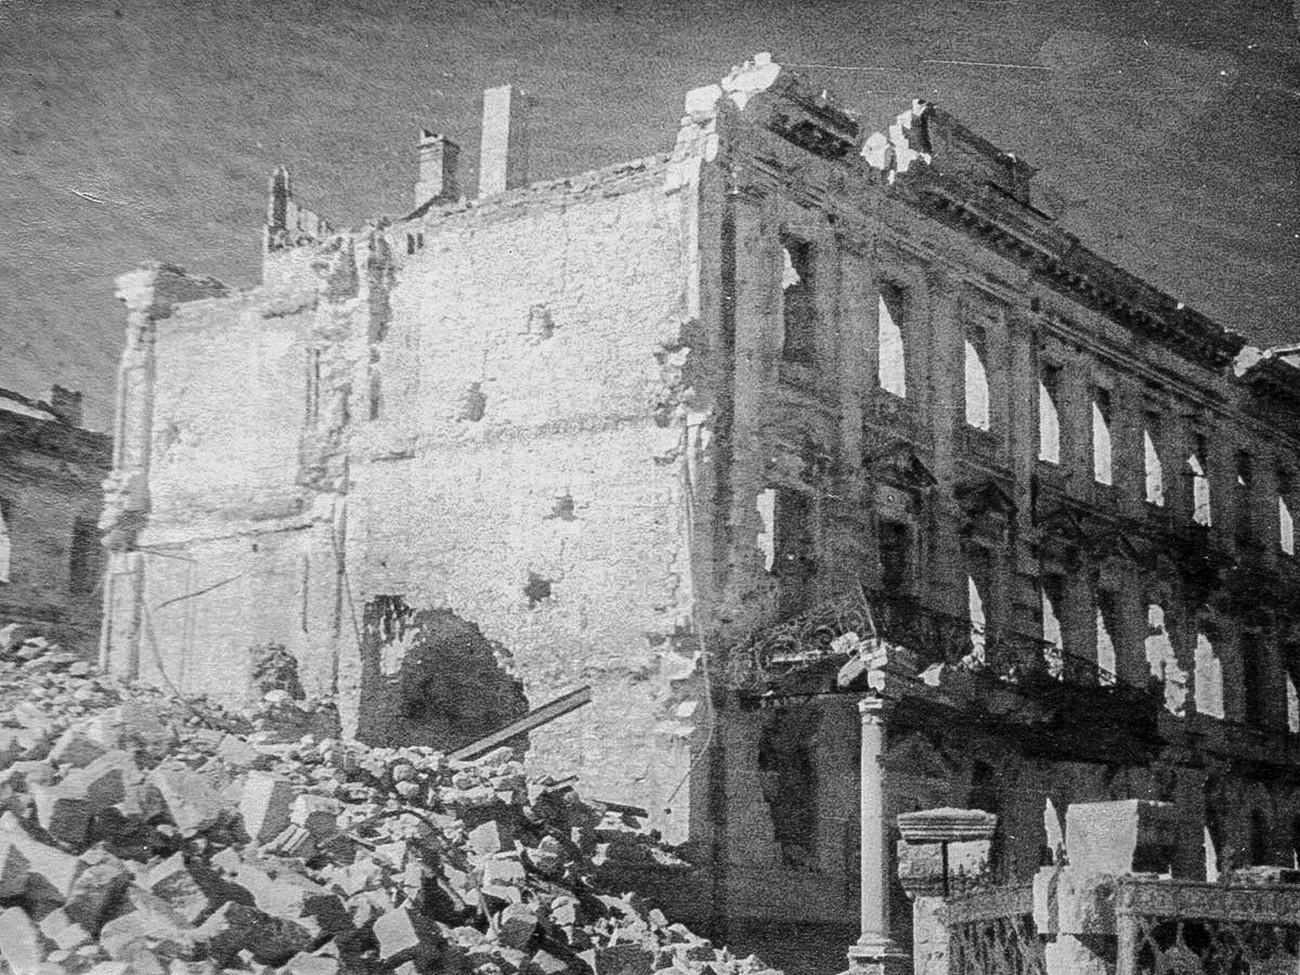 La sede della Flotta del Mar Nero distrutta dai tedeschi